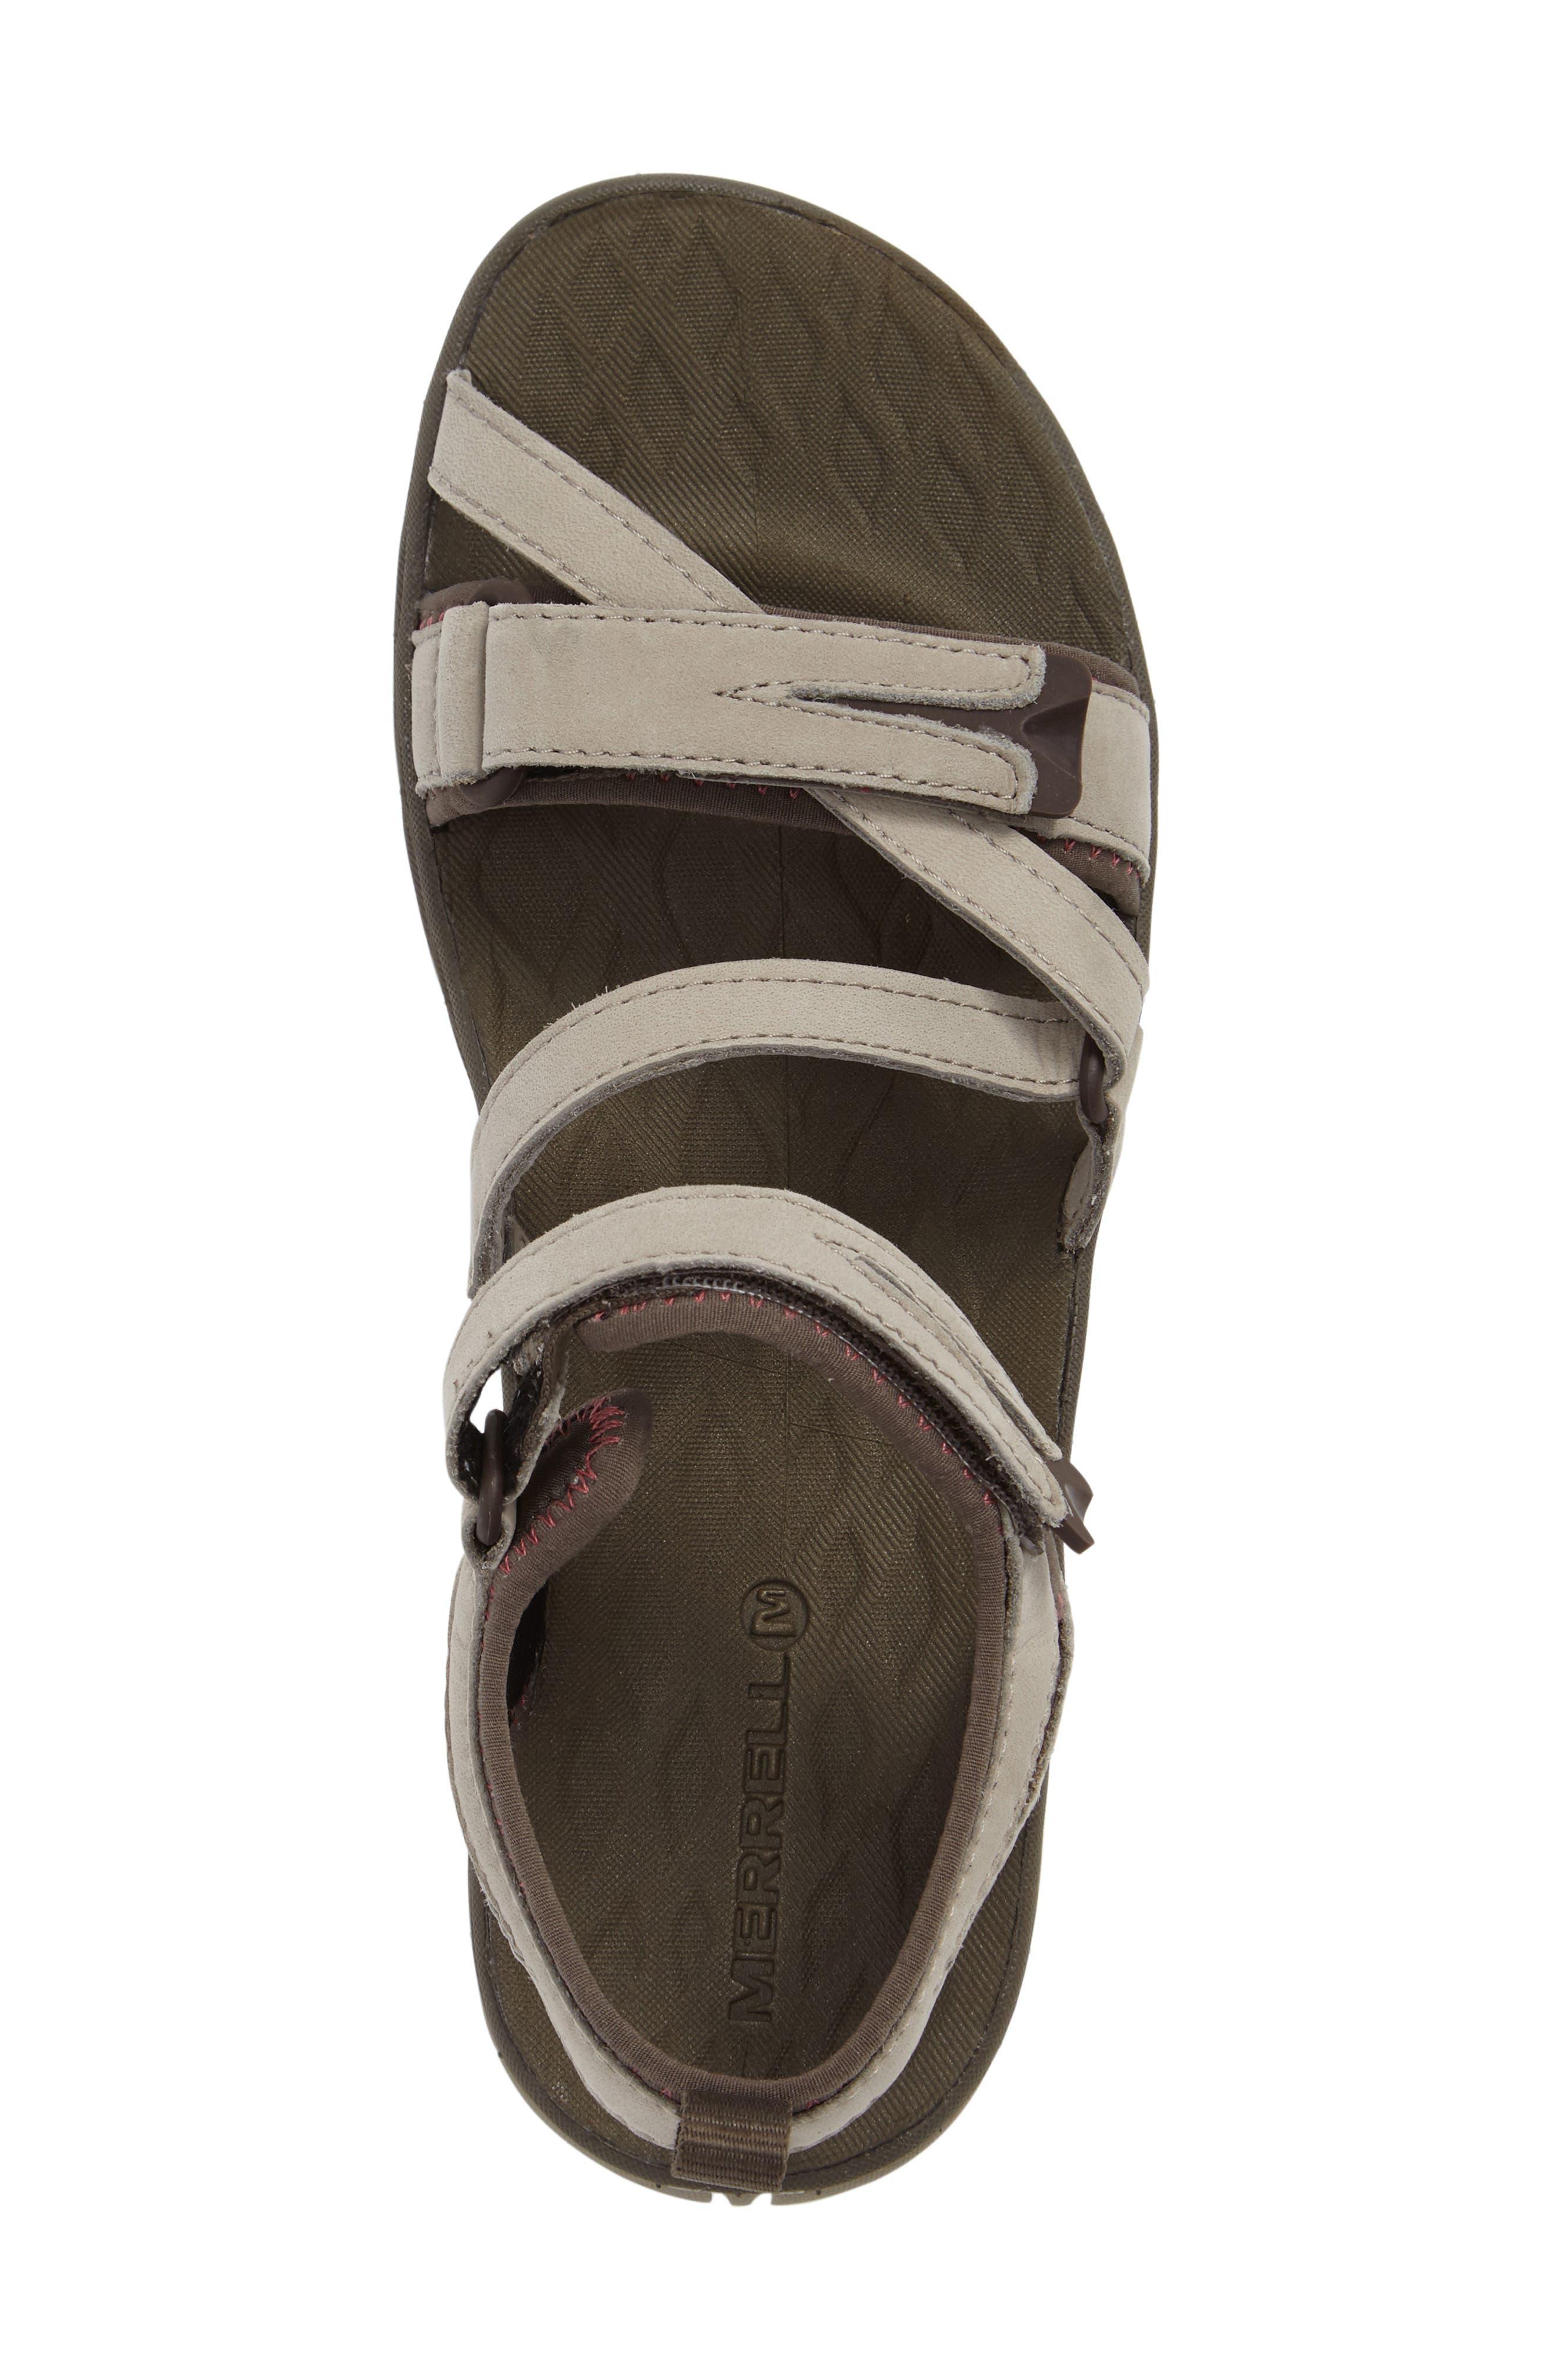 Alternate Image 3  - Merrell Siren Water Friendly Sport Sandal (Women)